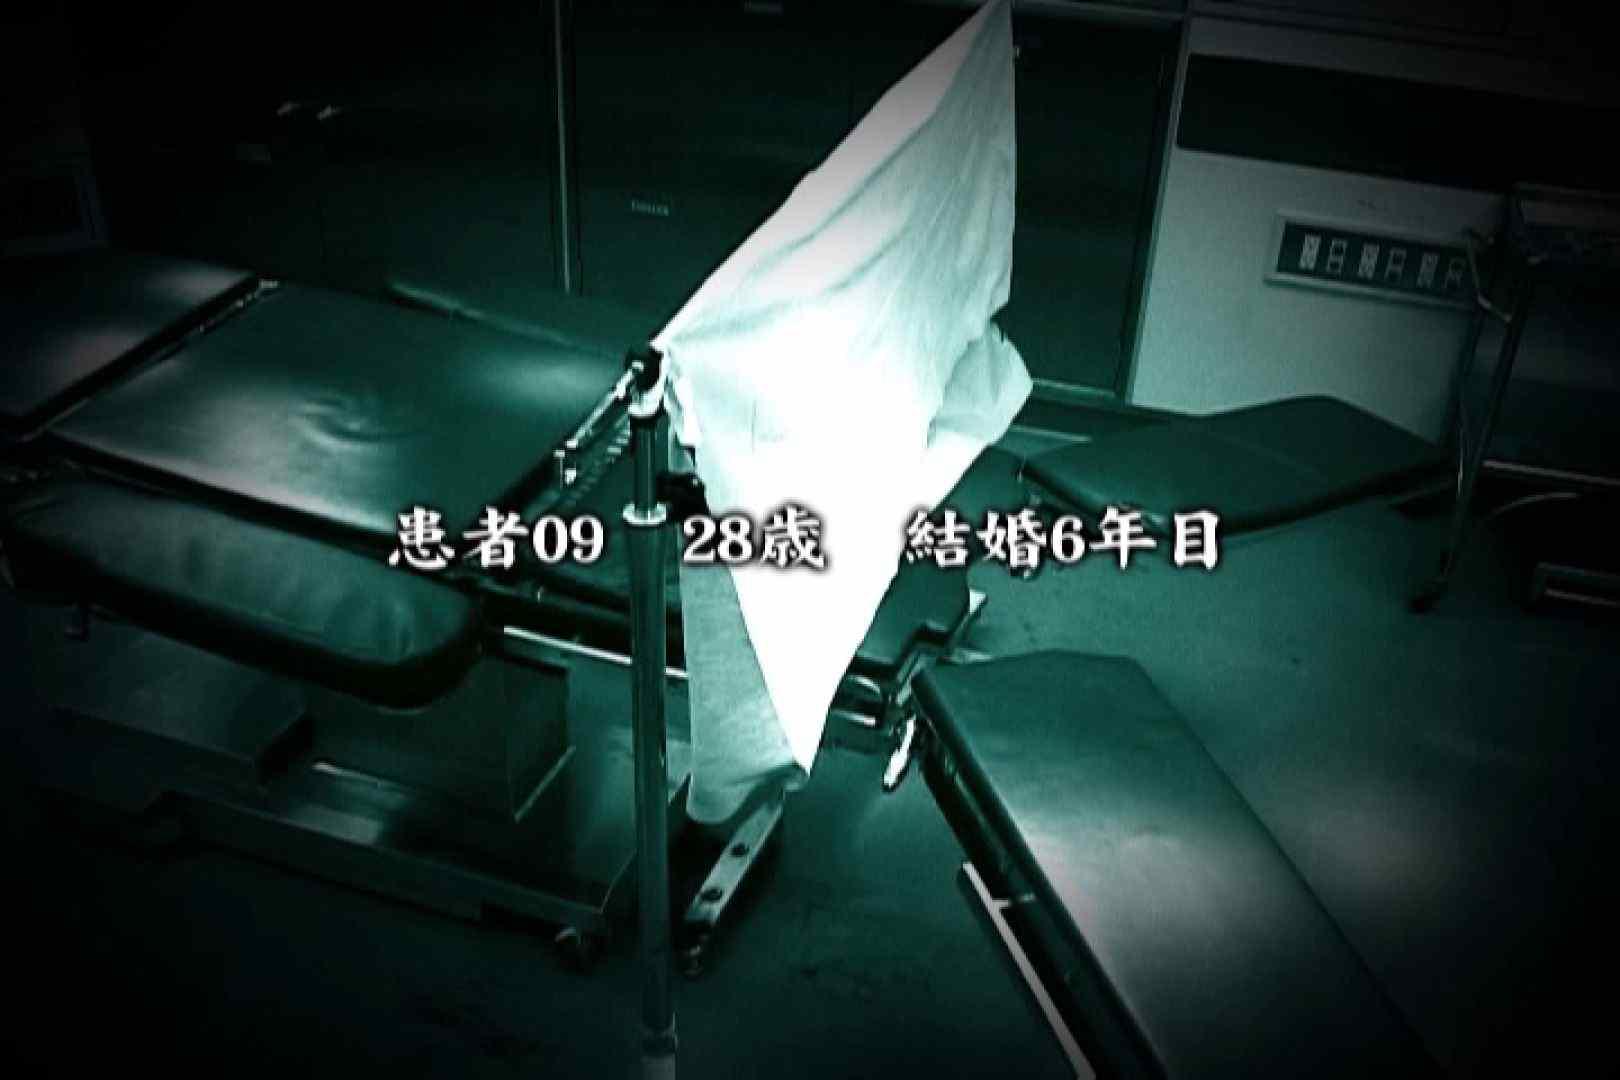 関西発!タツヤのDV直撮り大追跡!!! Vol.07 追跡  103pic 49